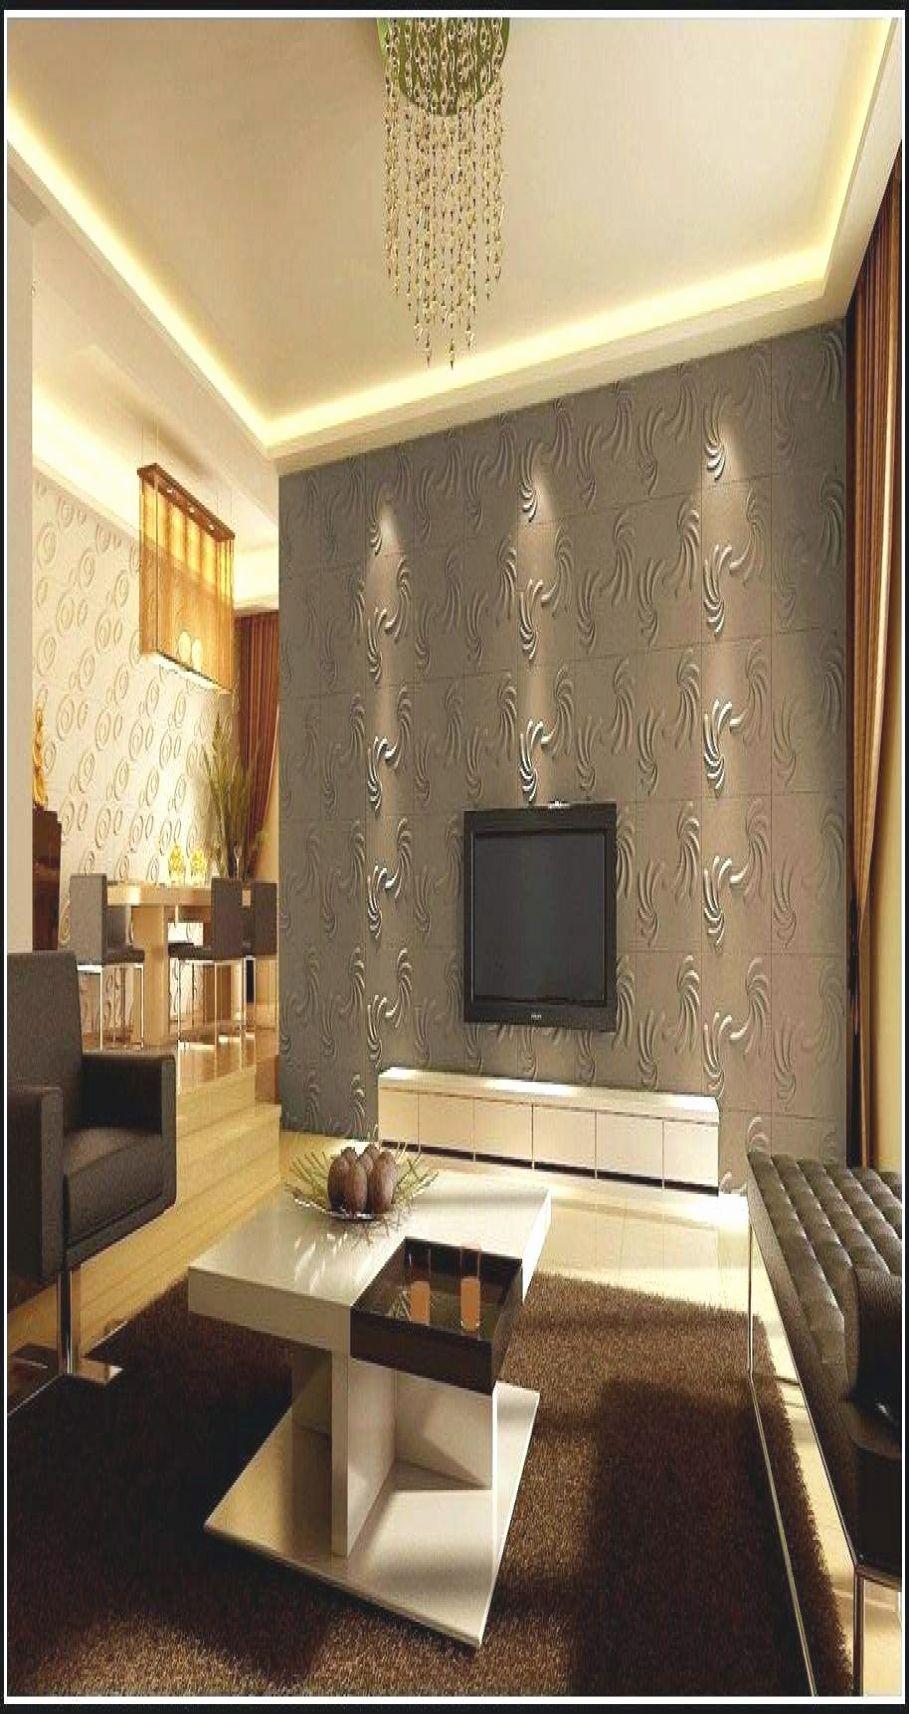 Muster Tapete Wohnzimmer Luxus 32 Inspiration Bild Von